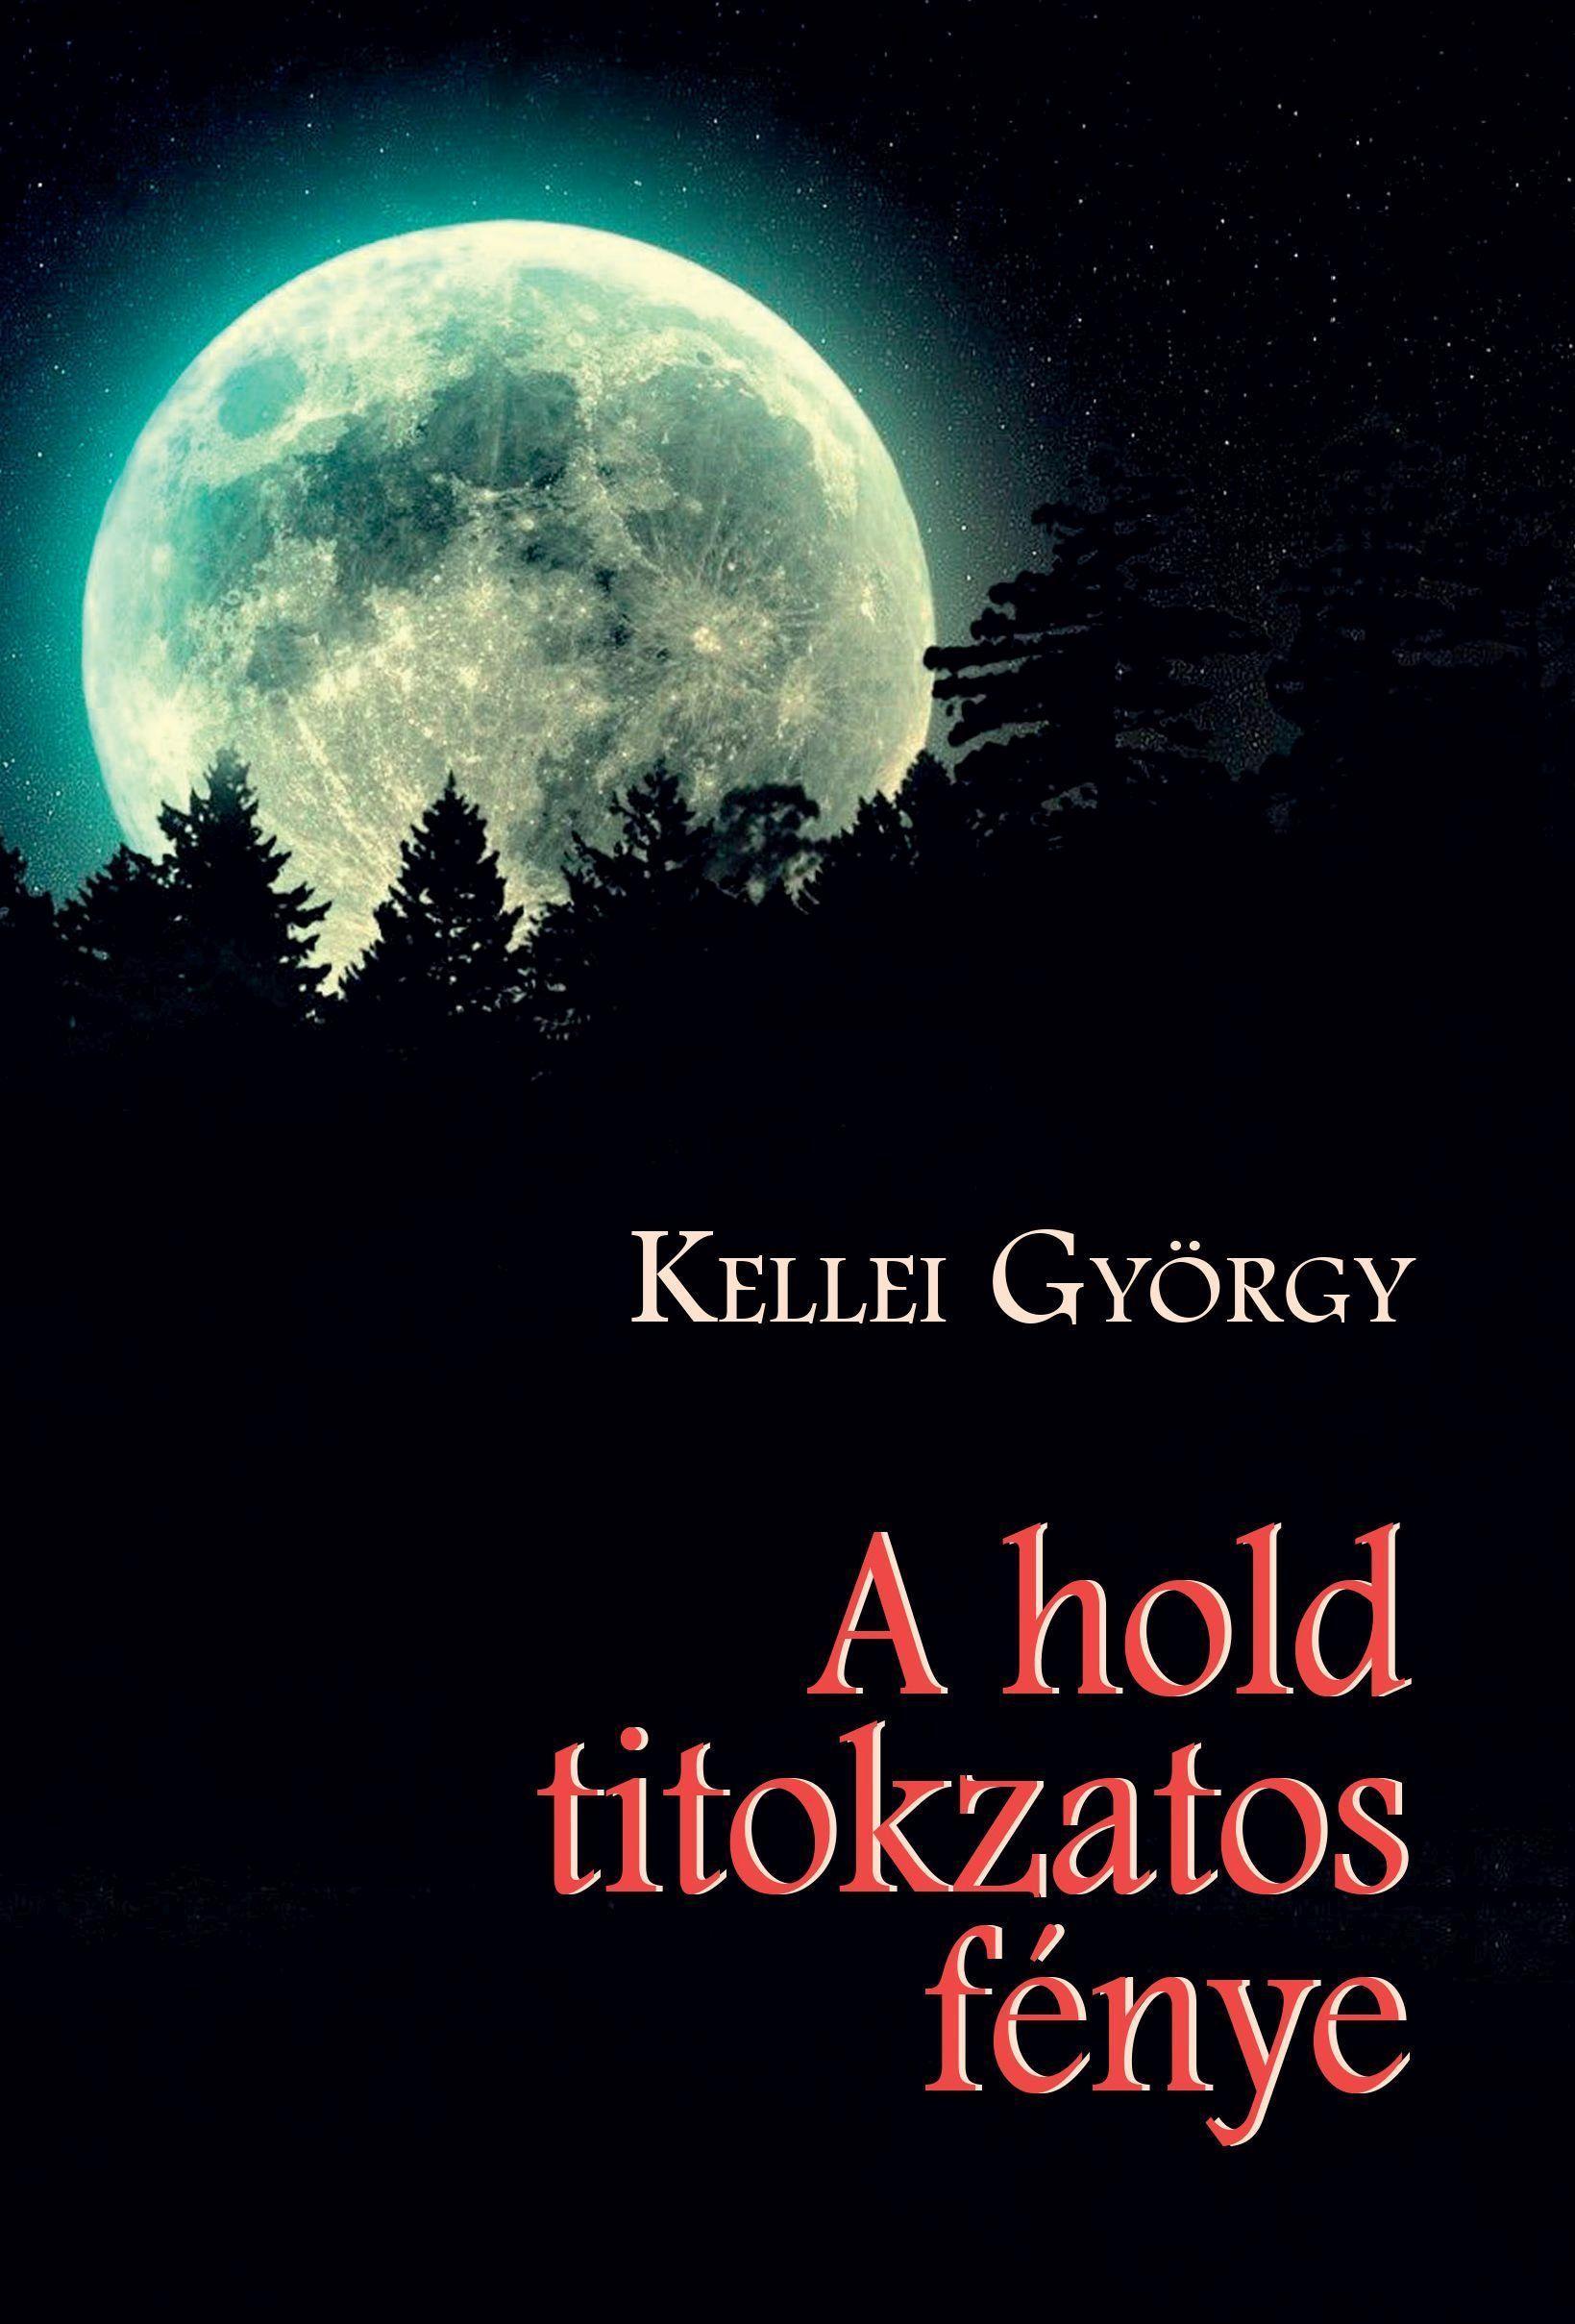 KELLEI GYÖRGY - A HOLD TITOKZATOS FÉNYES